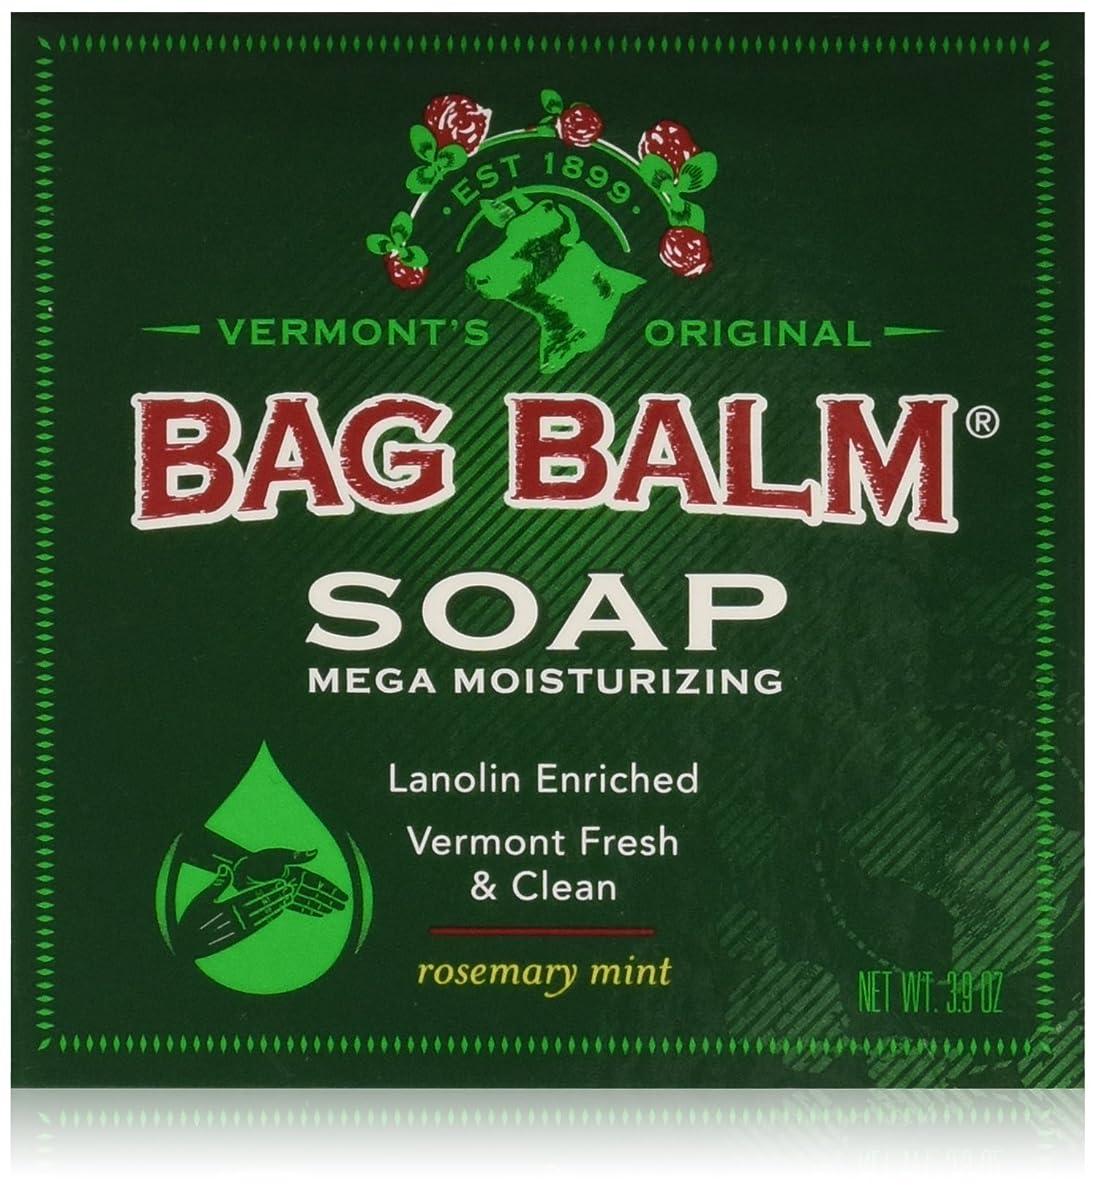 呼びかける減る入り口バッグバームの新作 メガモイスチャライジングソープ 3.9オンス 乾燥したお肌にモイスチャライズ石鹸